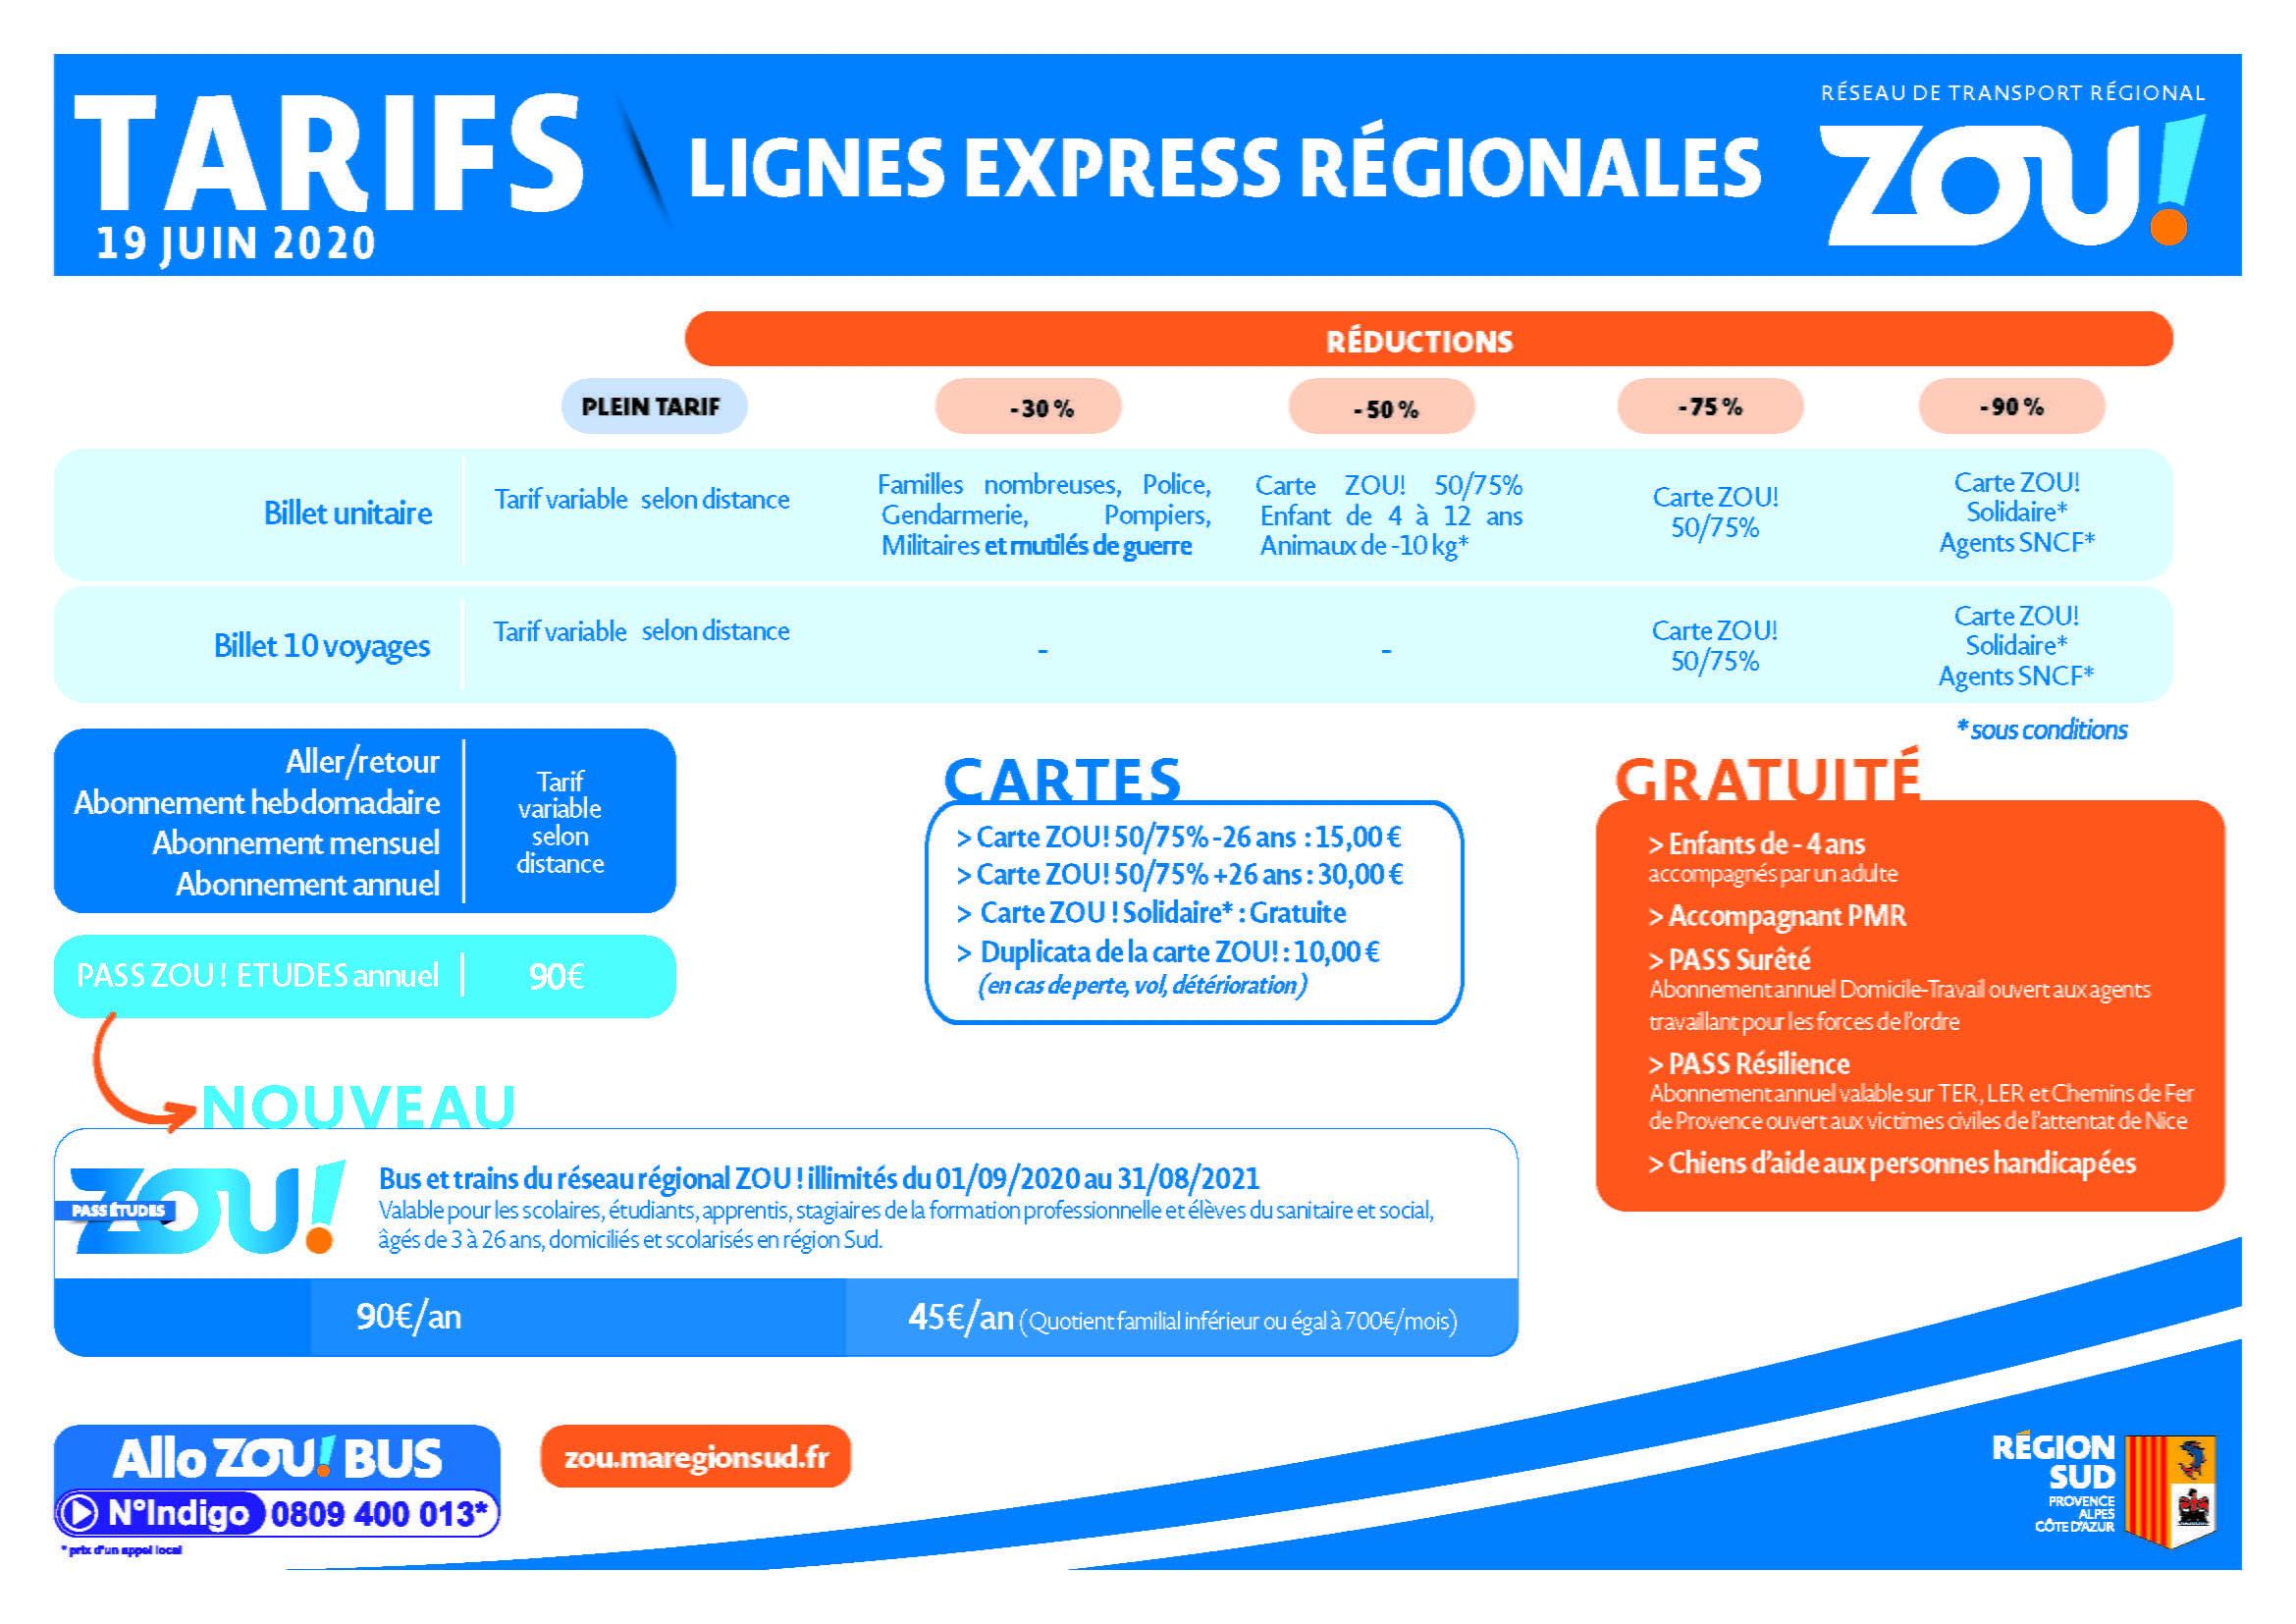 Tarifs ZOU! - Lignes express régionales - Montgenèvre